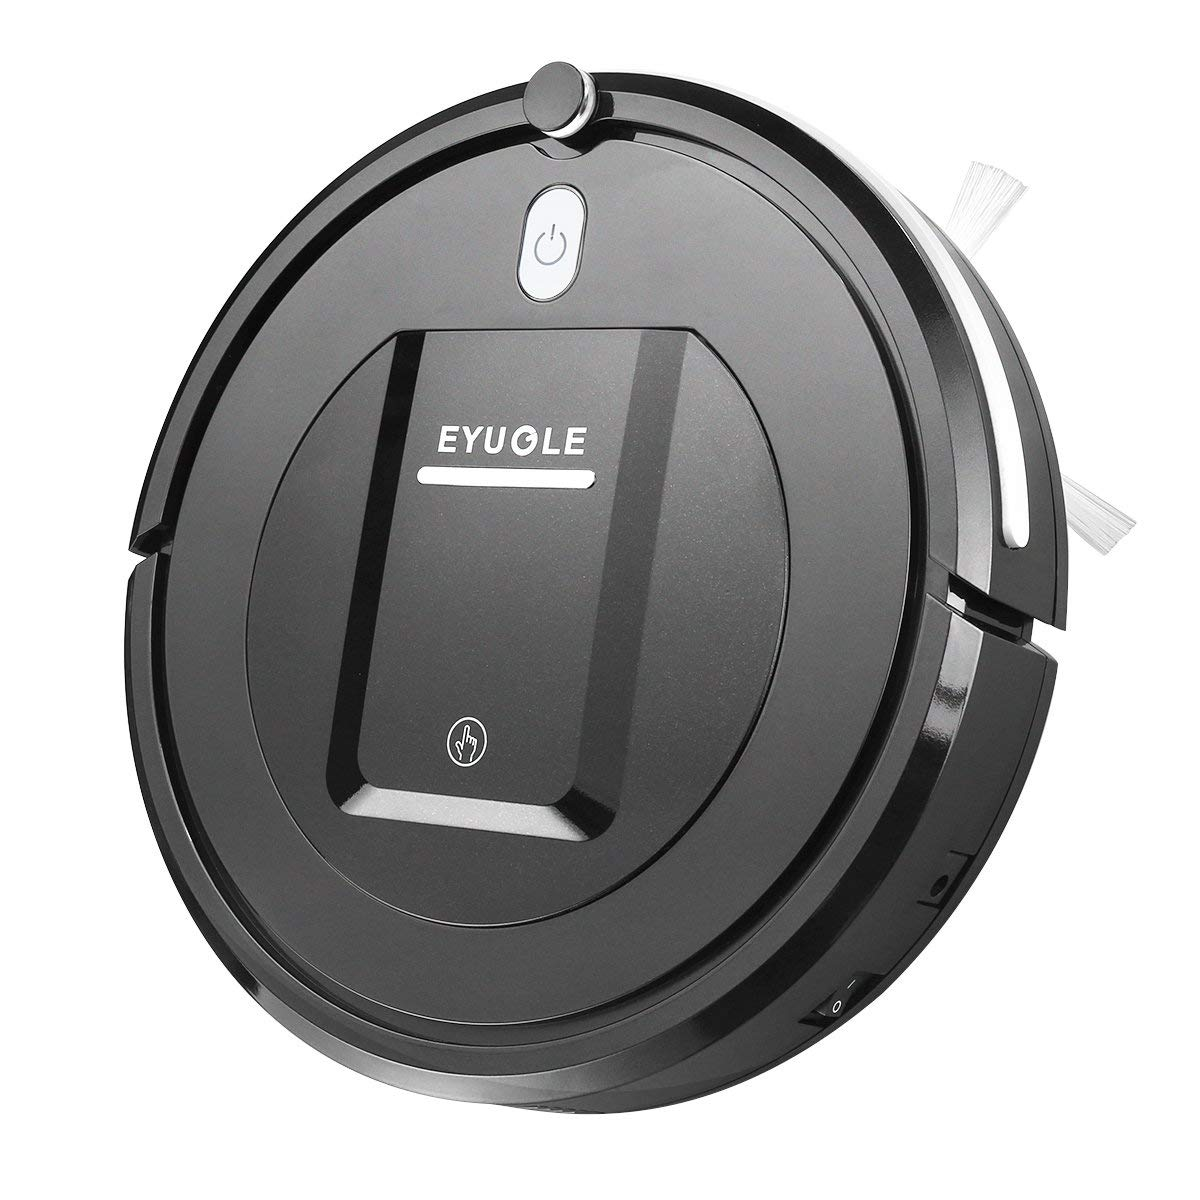 Eyugle KK290A Robot aspirador de limpieza patentado aspiradora de suciedad 500pa 3 fases sin pelos polvo y mascotas Vacuum Cleaner limpio silencioso y autoajustable sensor proyecta (negro): Amazon.es: Hogar